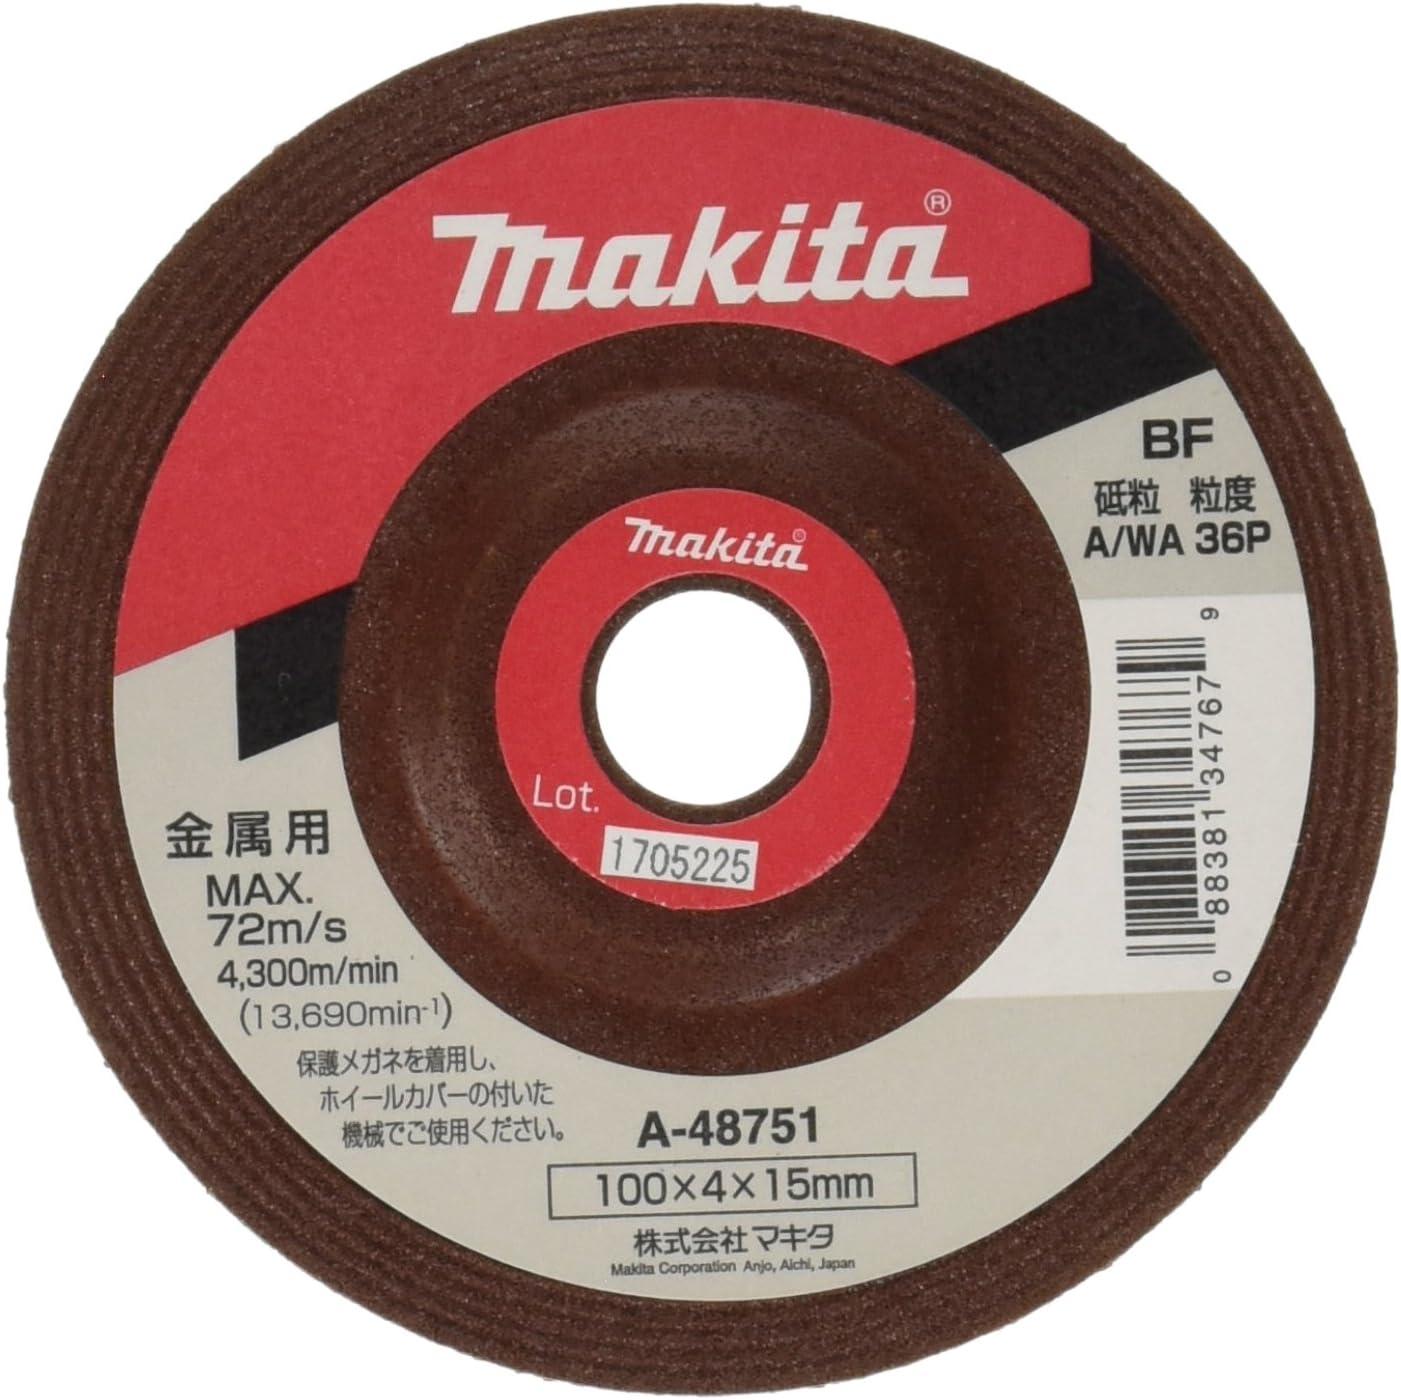 マキタ(Makita) 研削砥石(オフセット砥石) 直径100mm 粒度36P (5枚入) A-48751